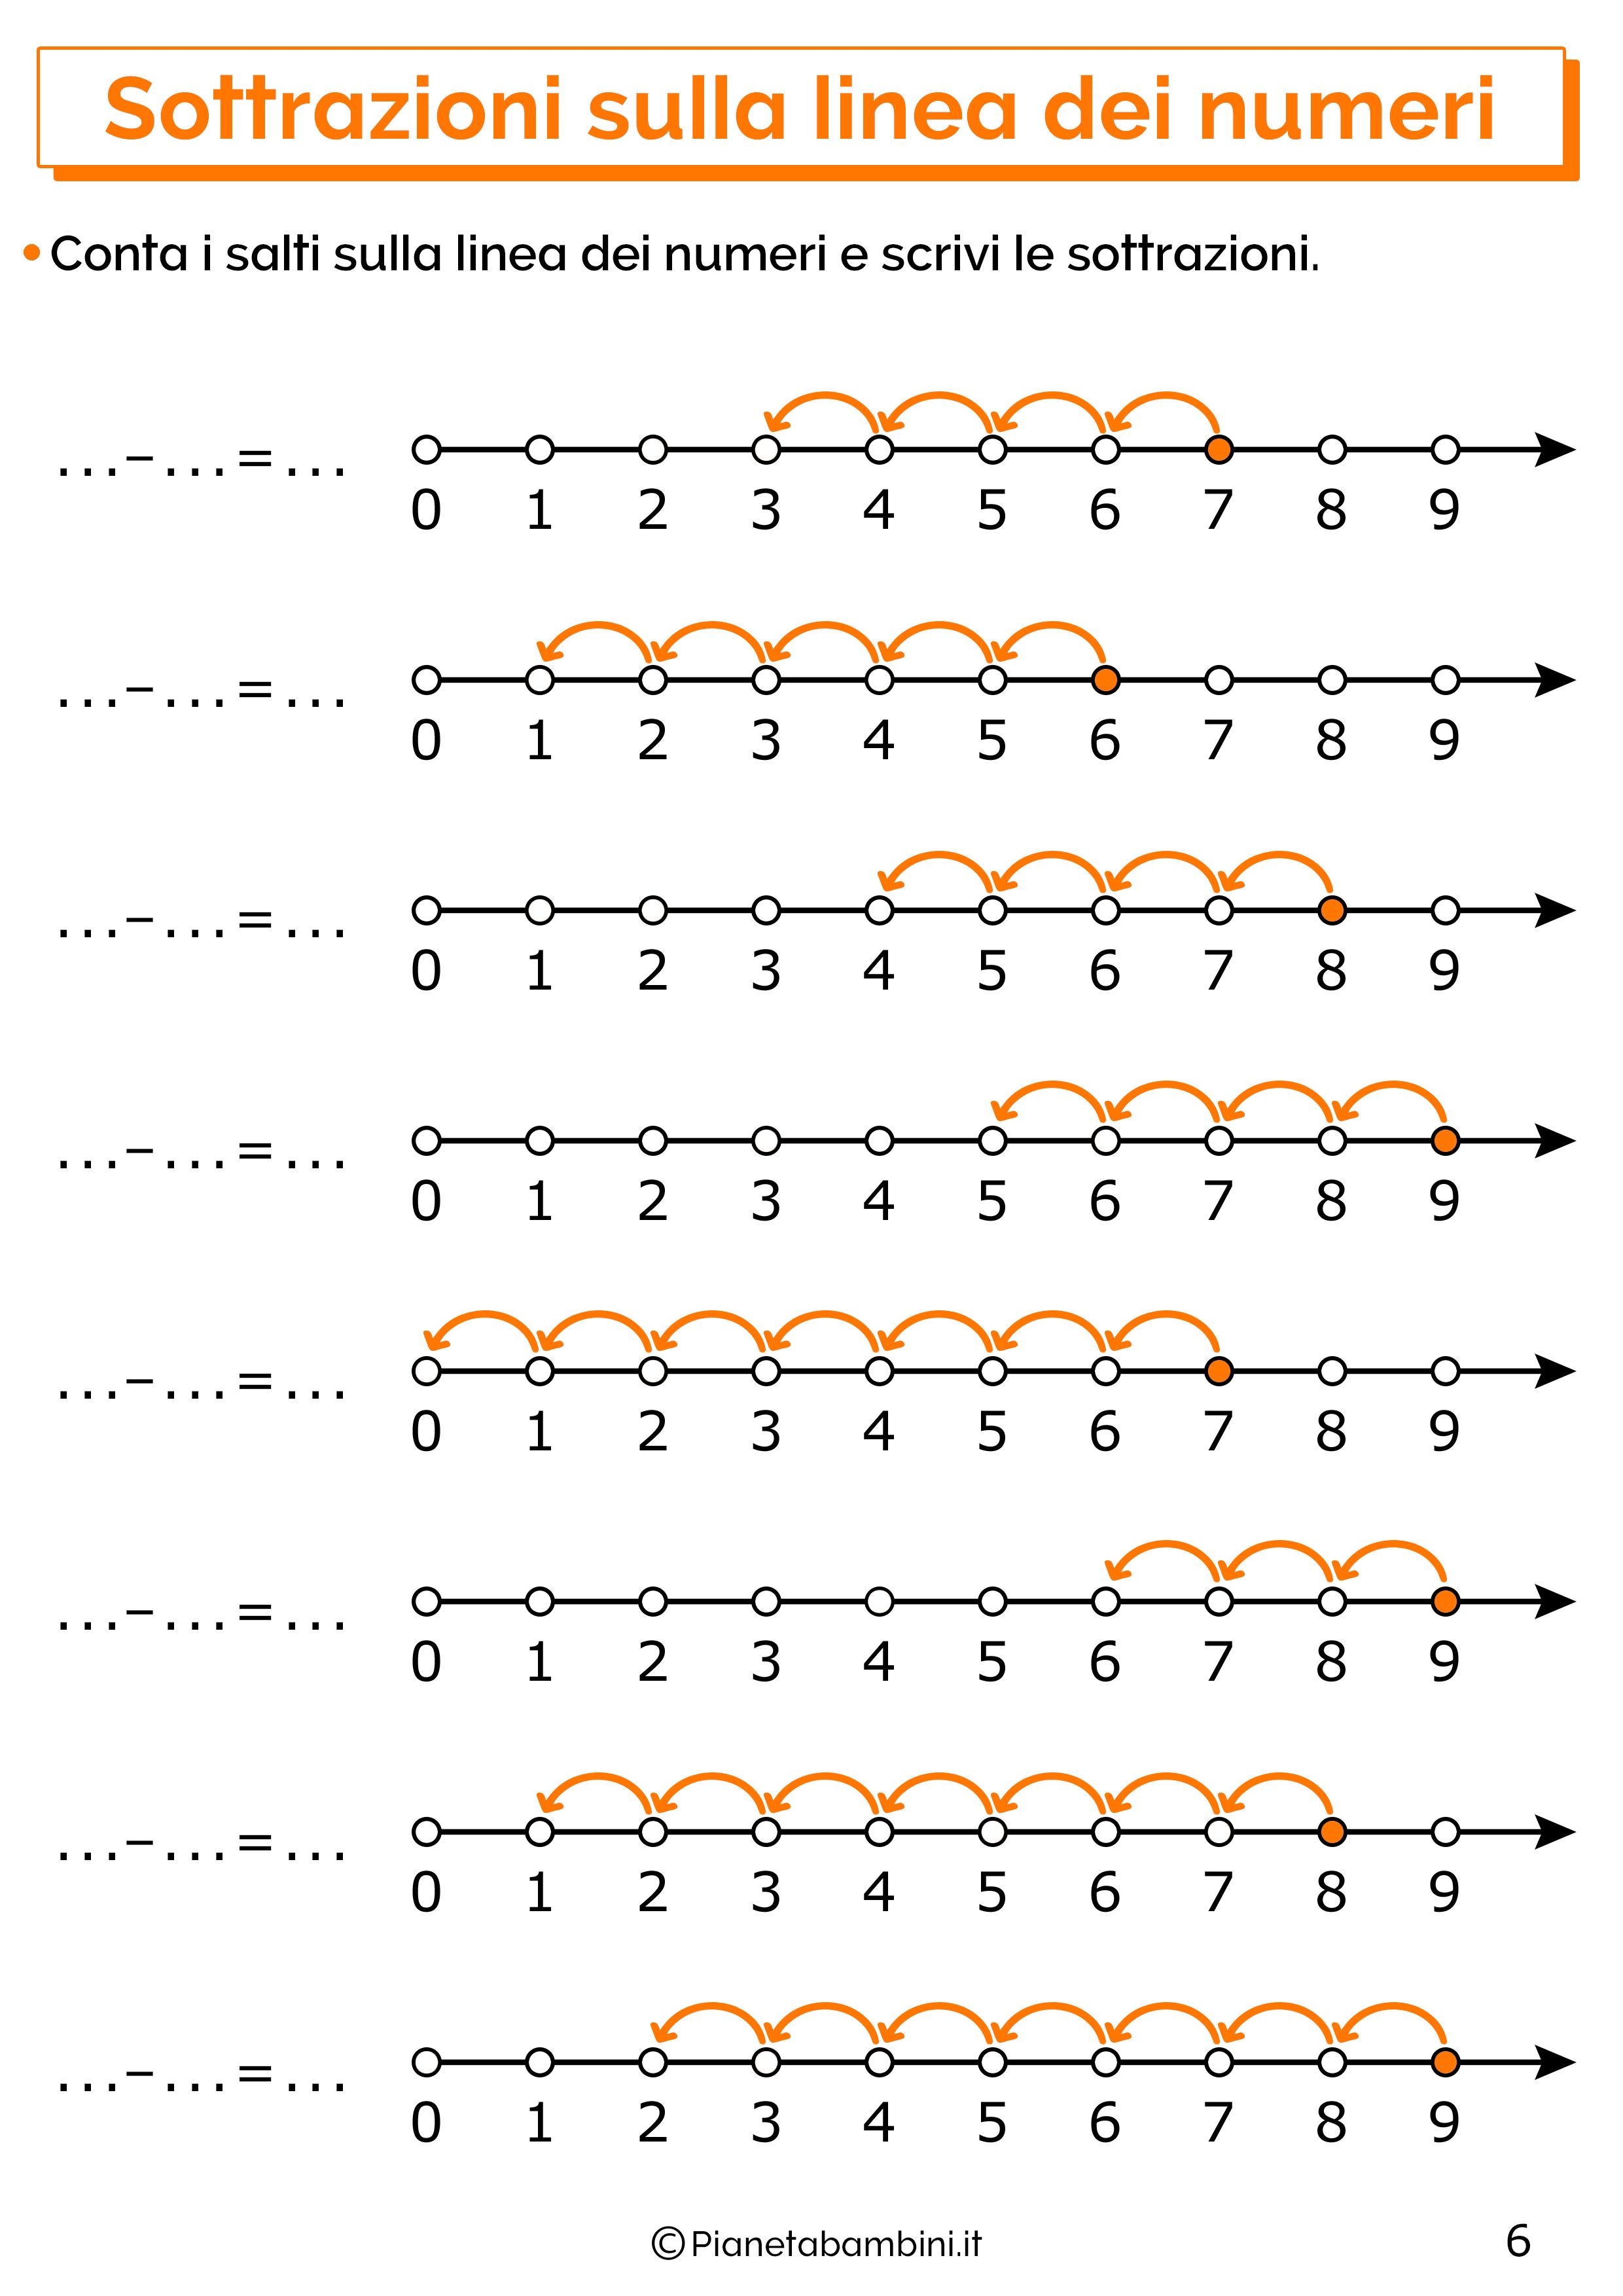 Esercizi sulle sottrazioni sulla linea dei numeri 06